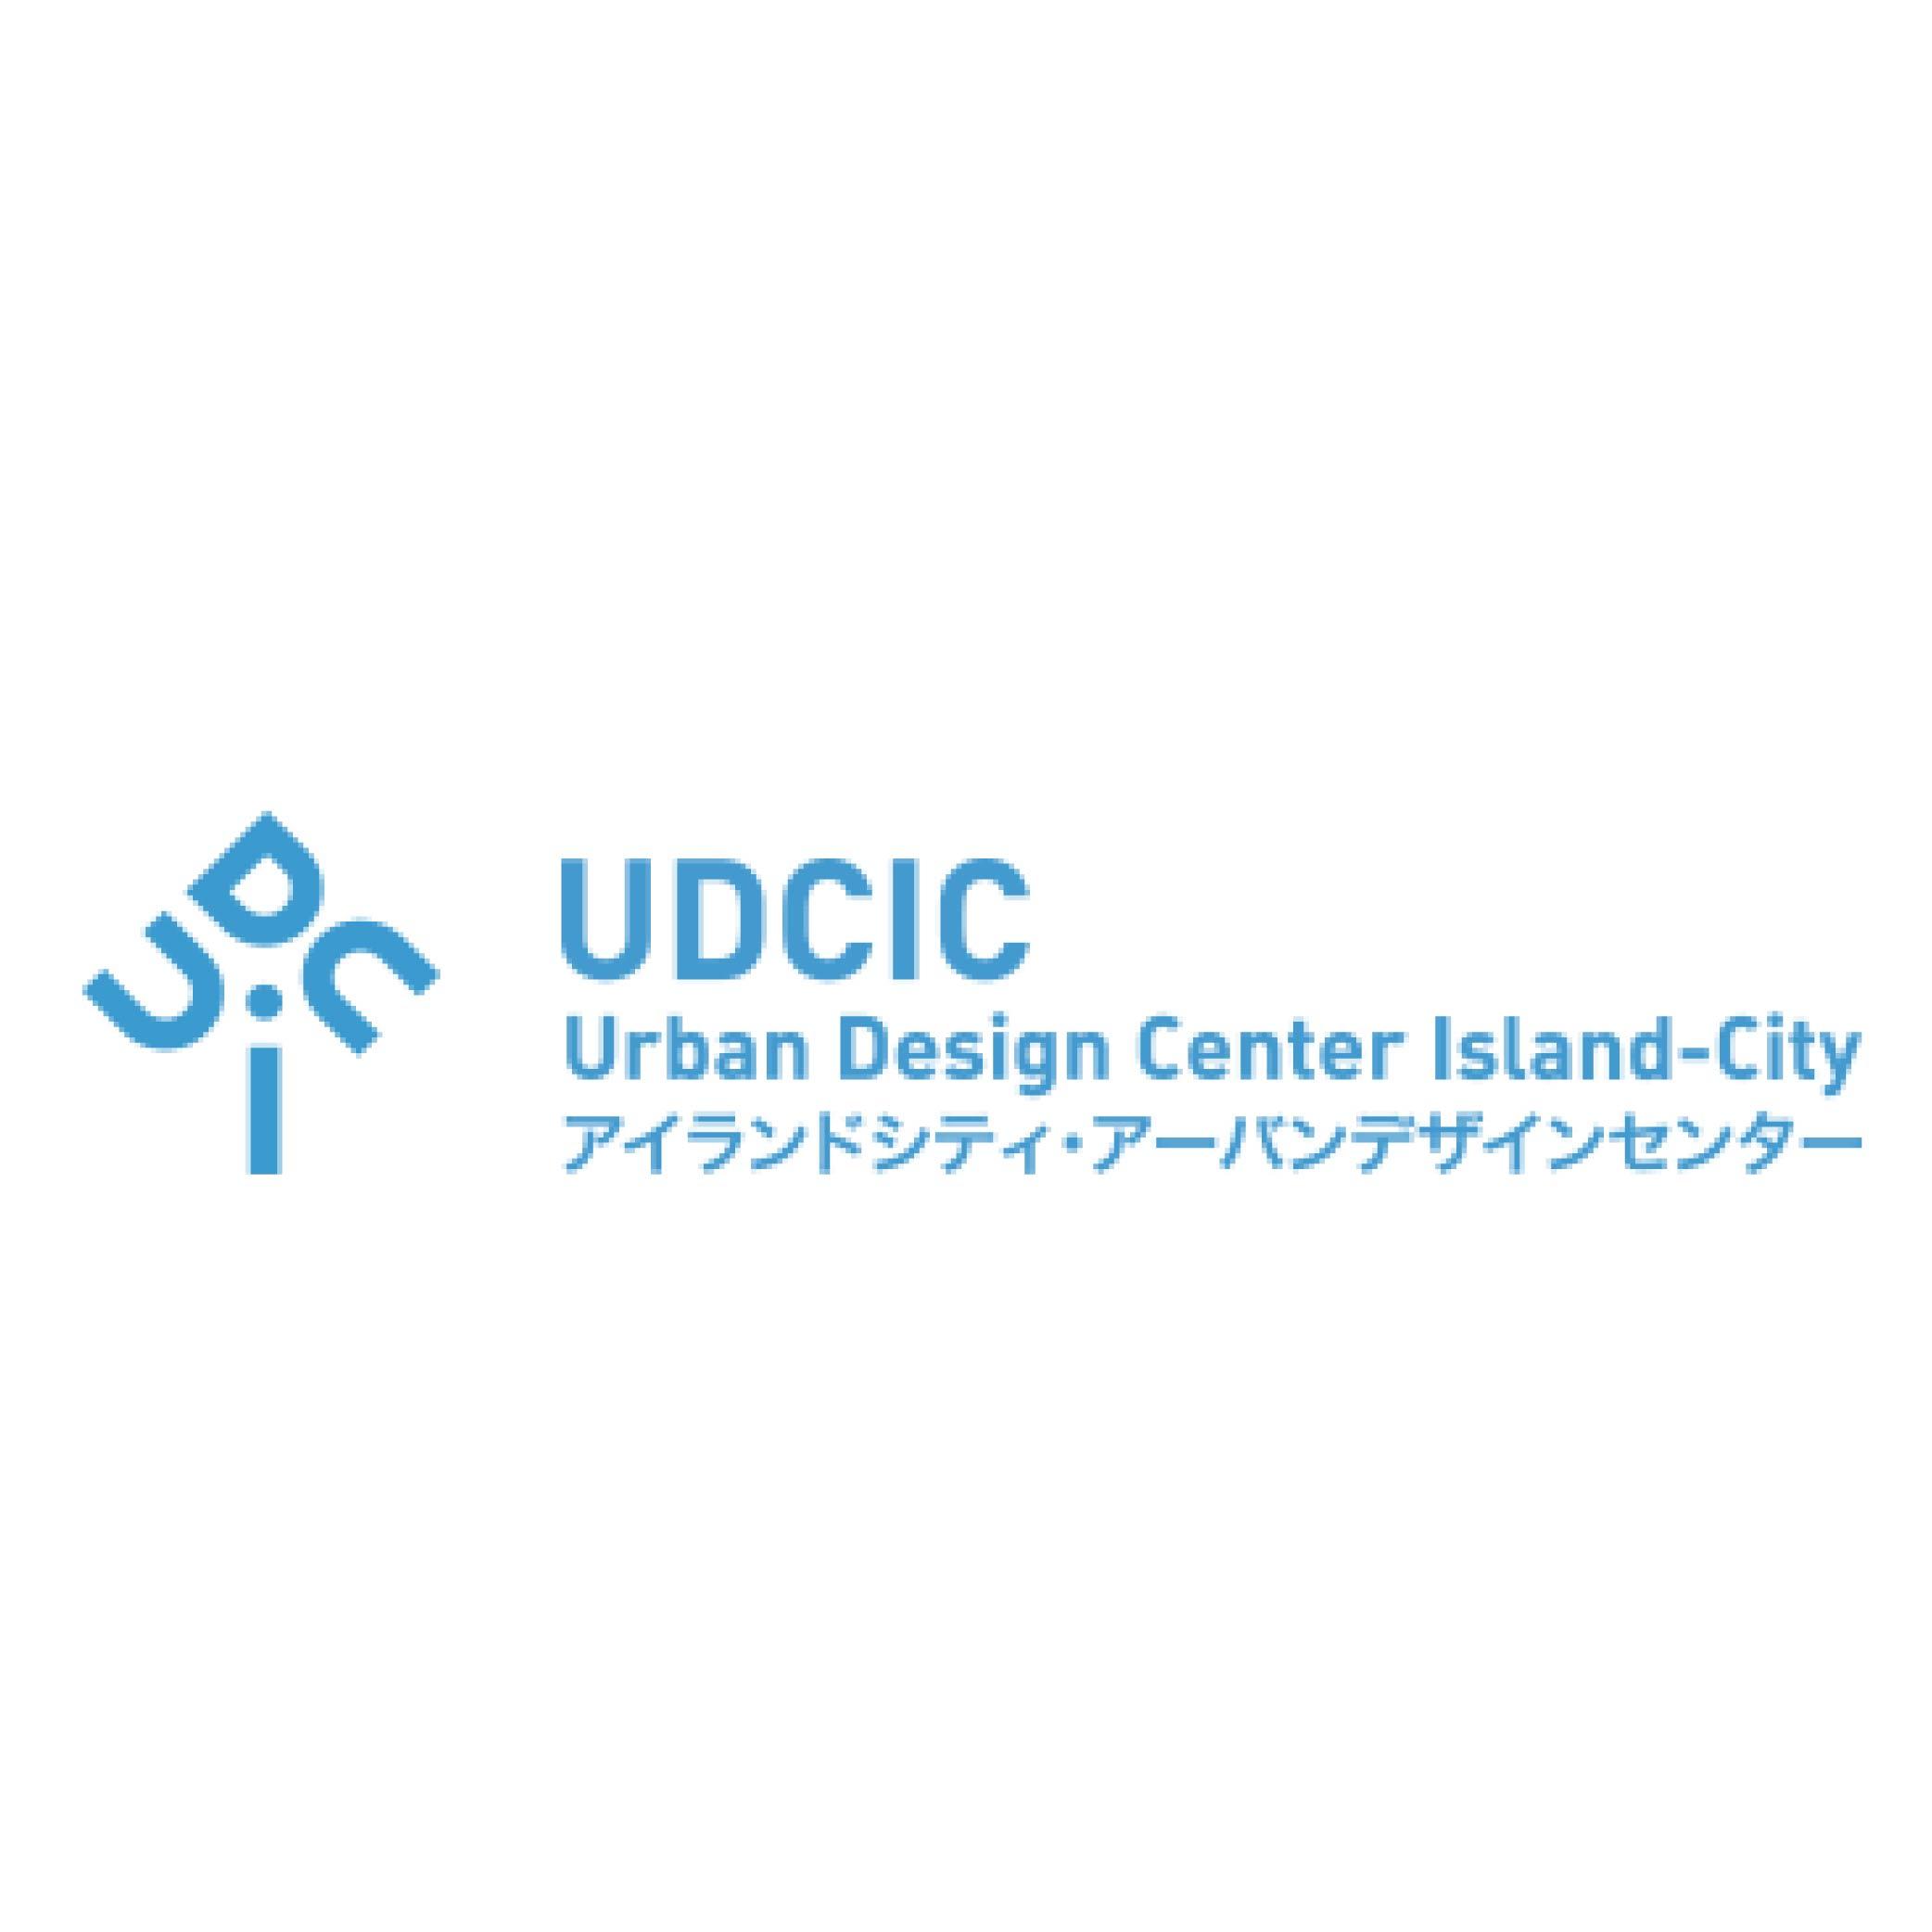 UDCIC